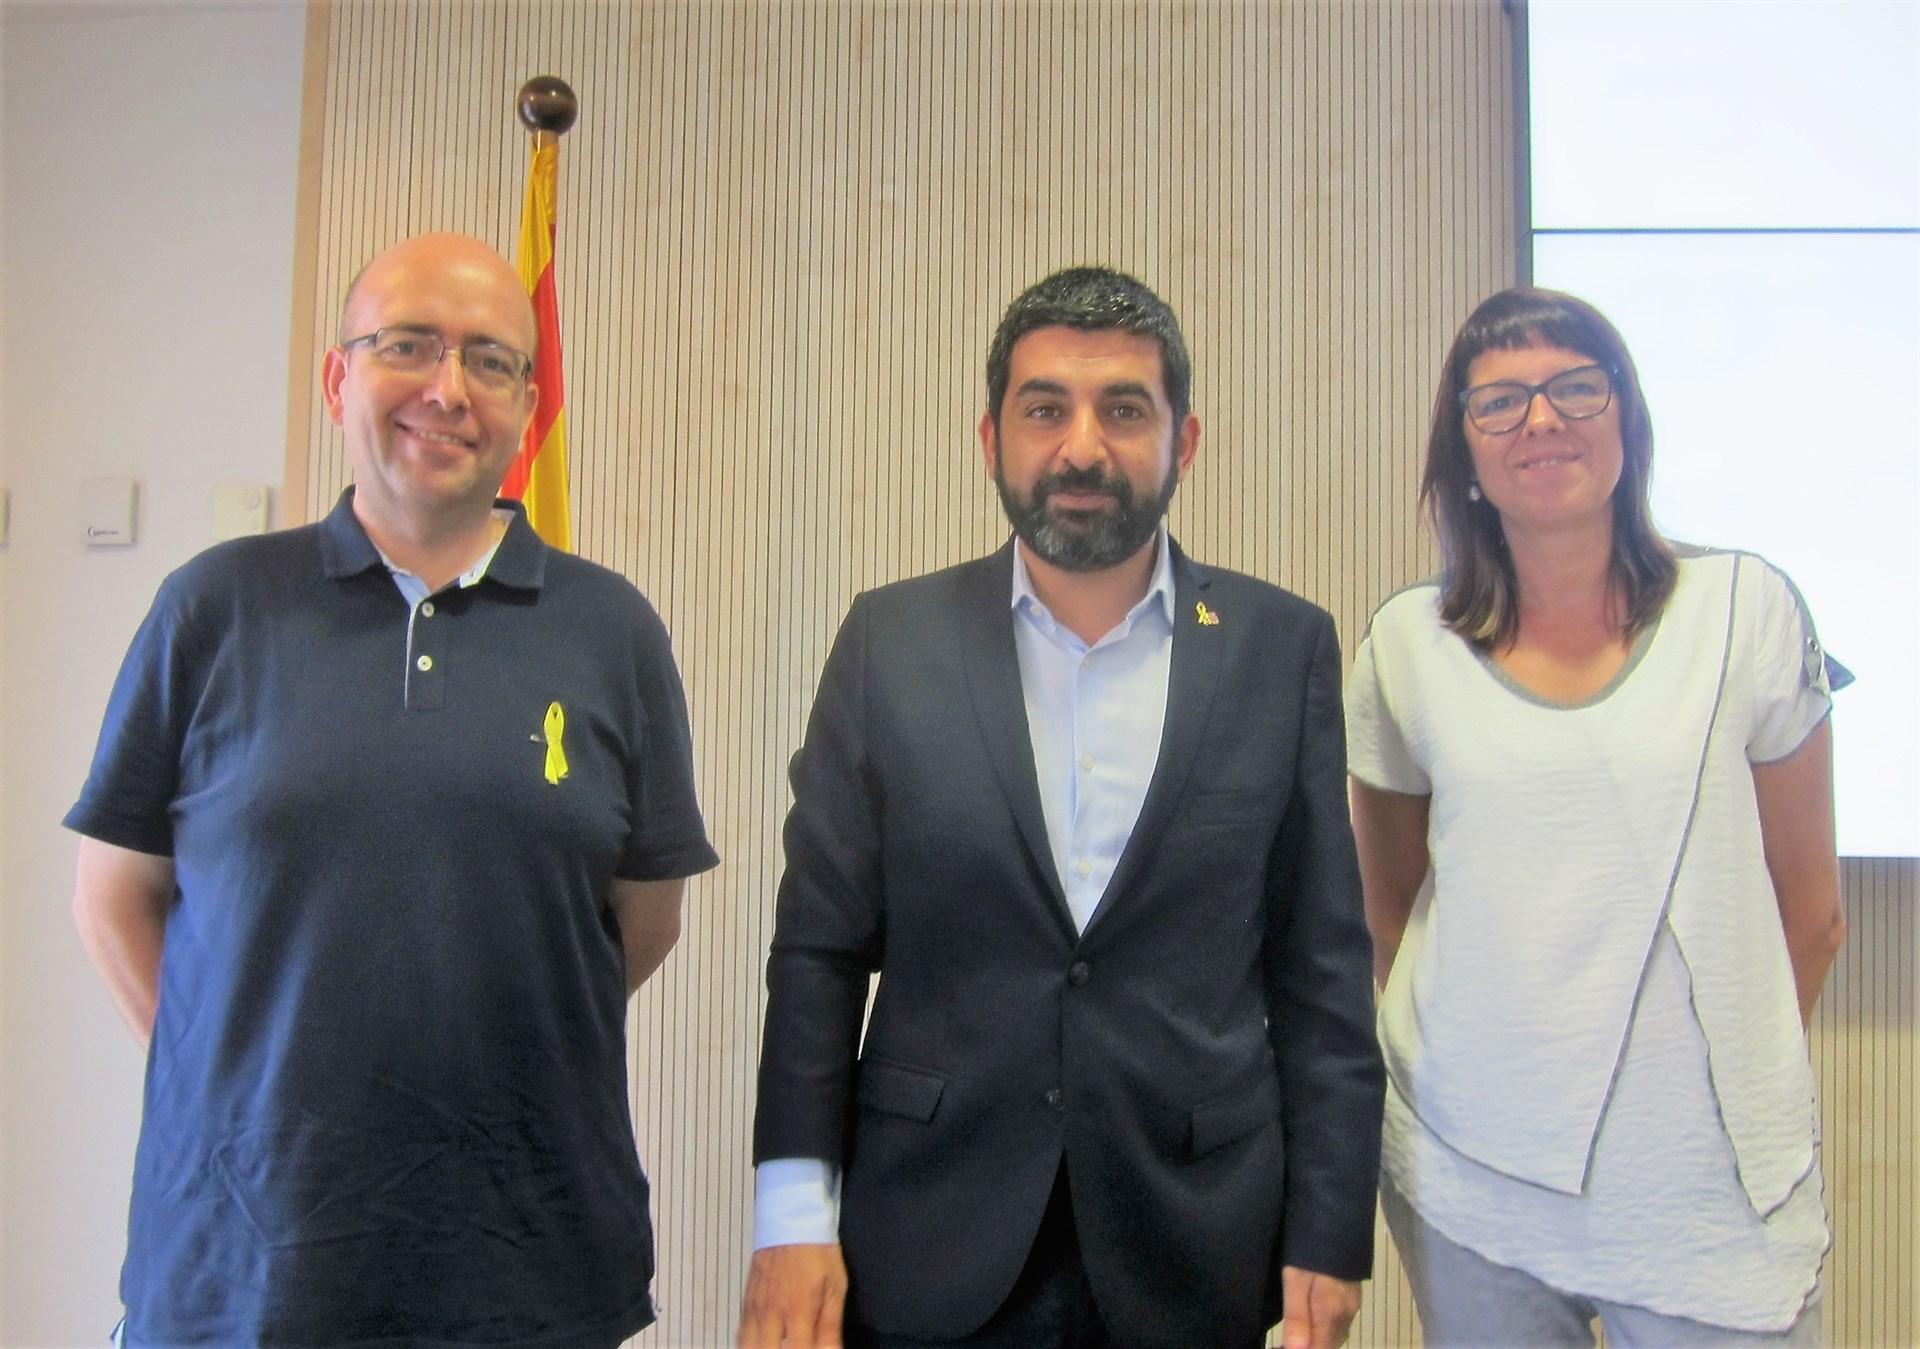 El conseller Chakir el Homrani, con otros promotores de la iniciativa. (EP)